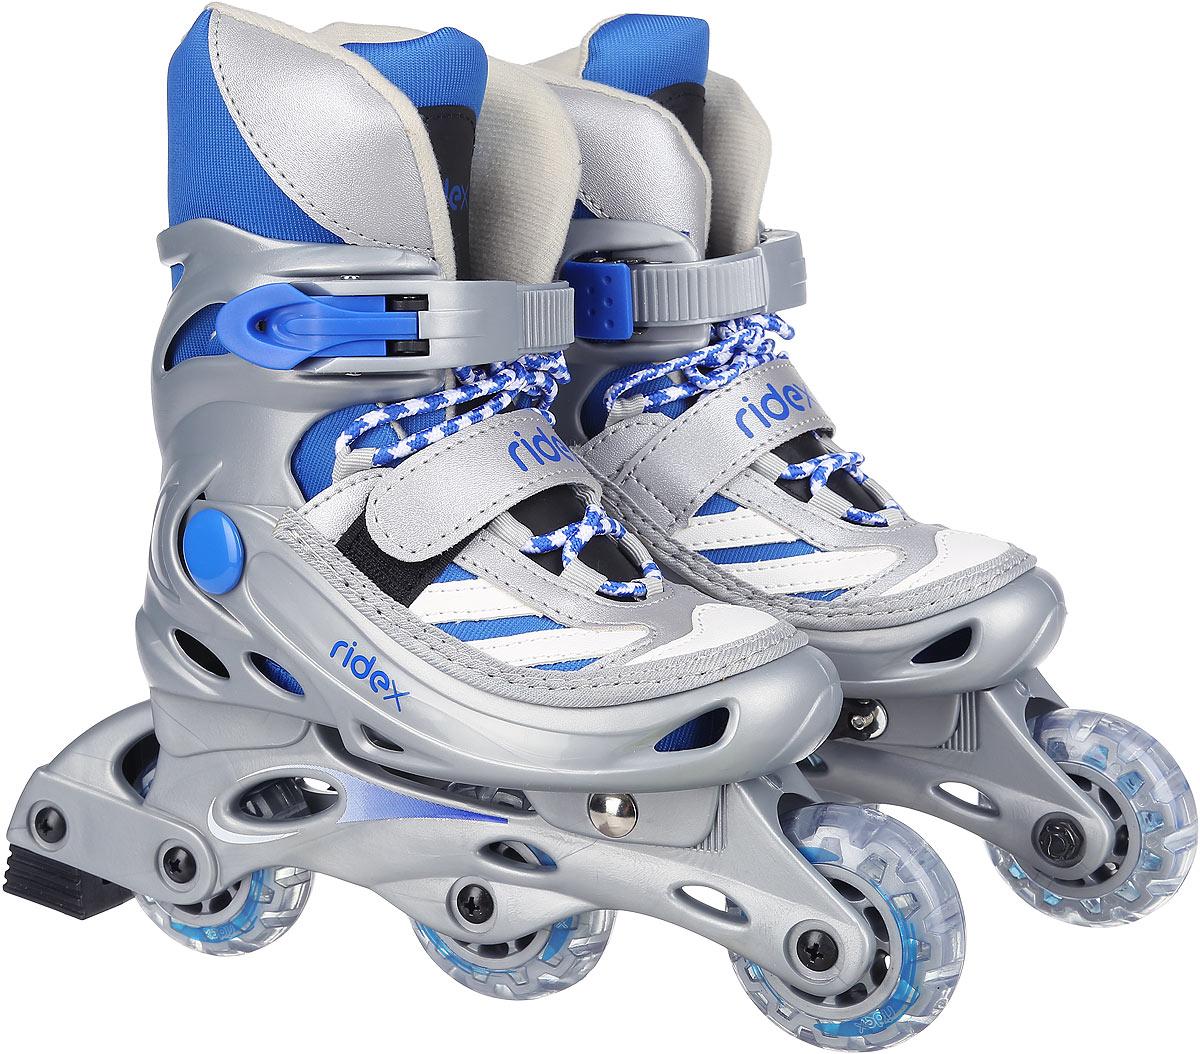 Коньки роликовые Ridex Scout, раздвижные, цвет: серый, голубой, белый. УТ-00008094. Размер 31/34